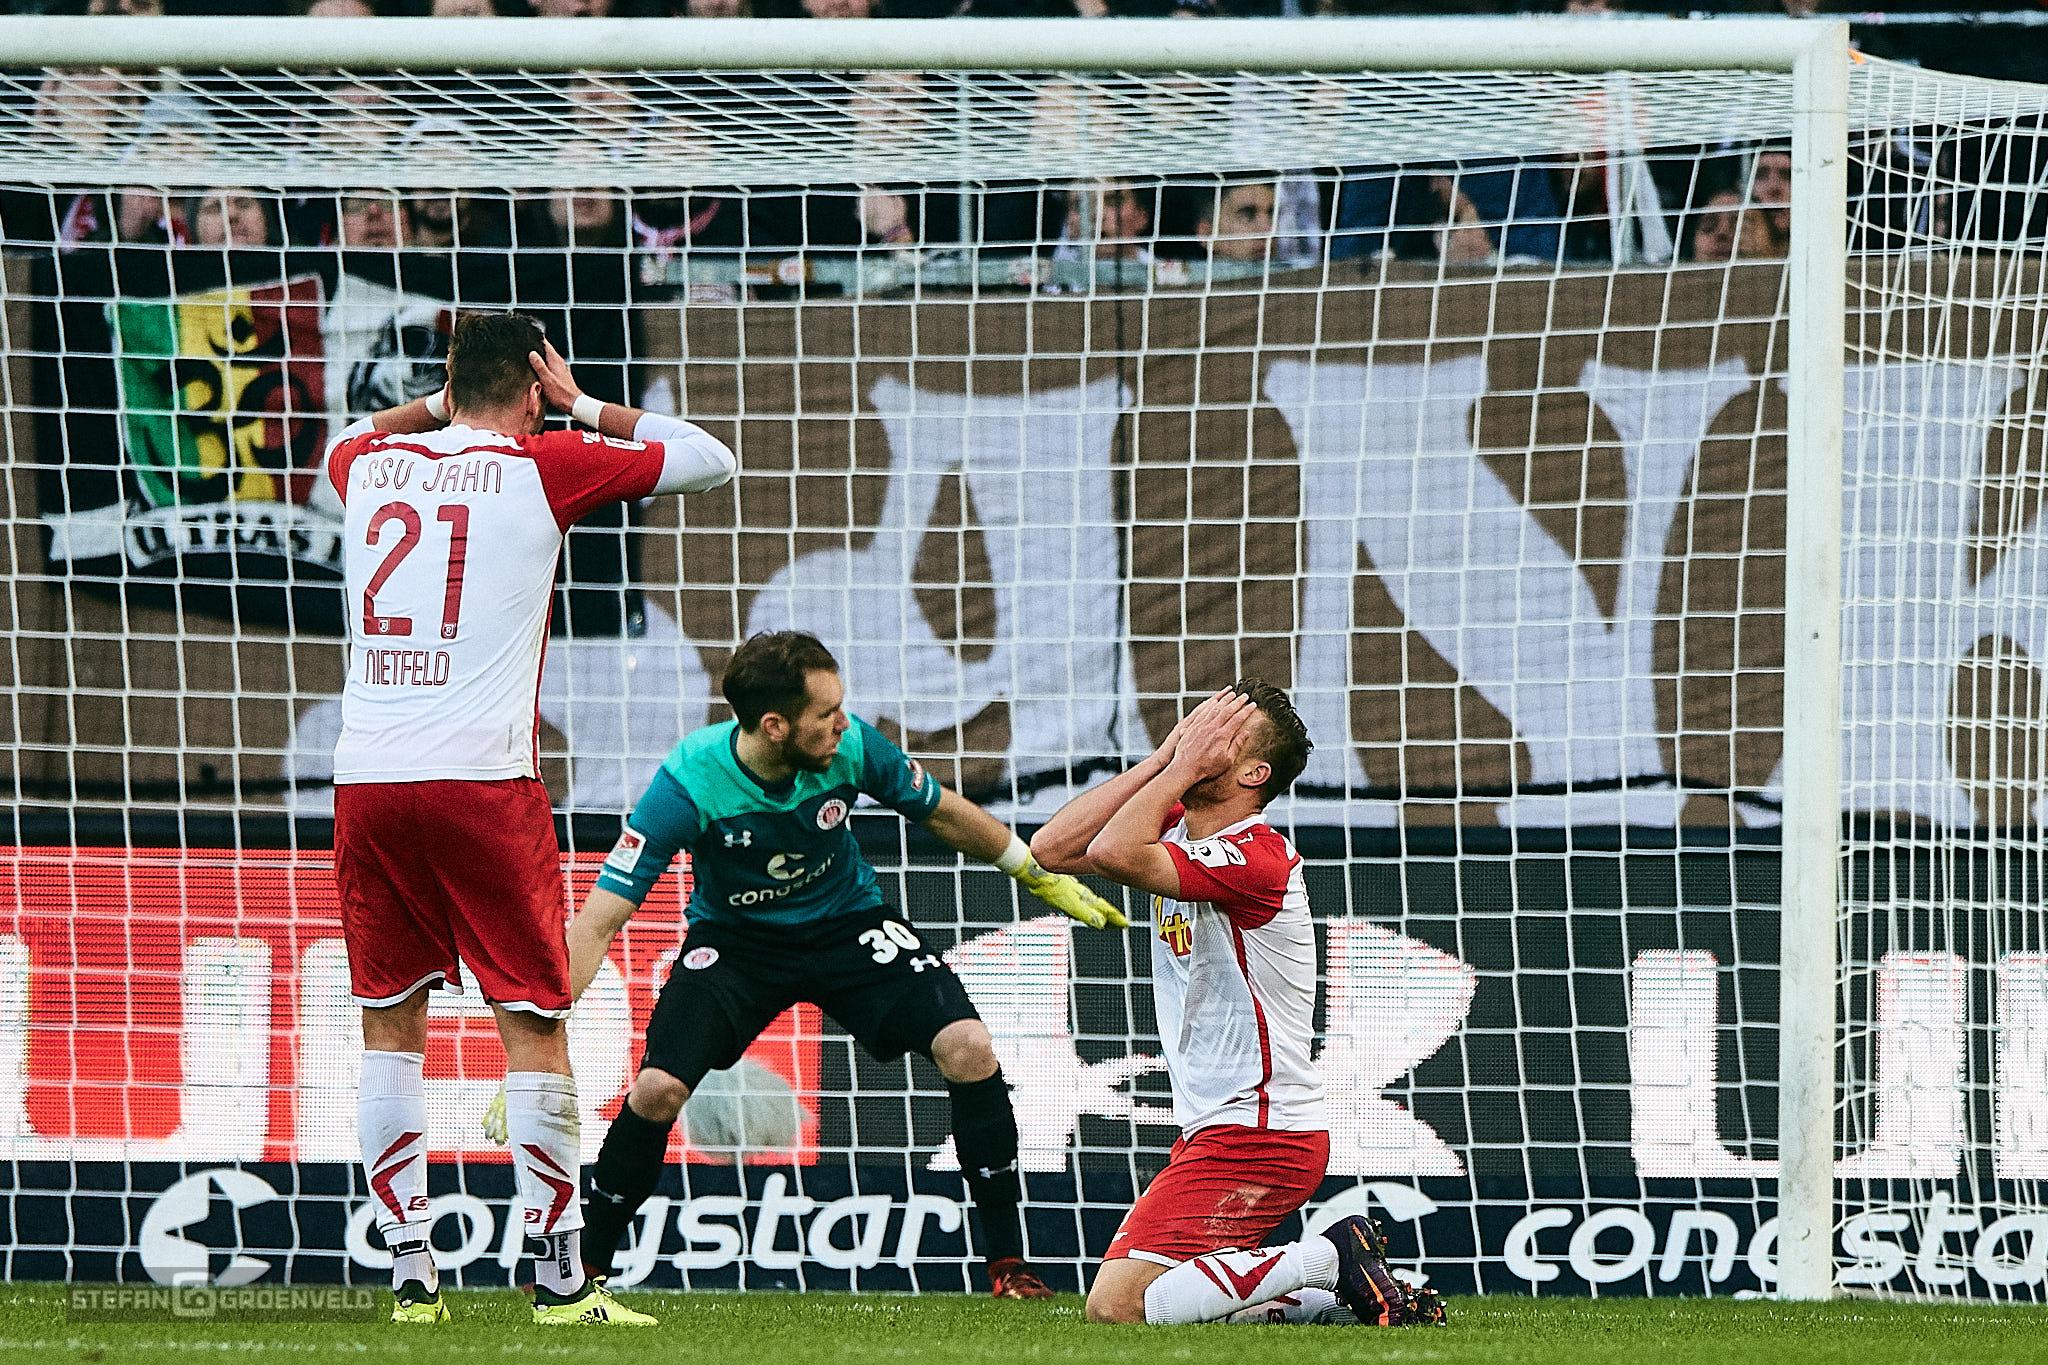 Vor dem Spiel – SSV Jahn Regensburg (A) – Spieltag 14 – Saison 2018/19